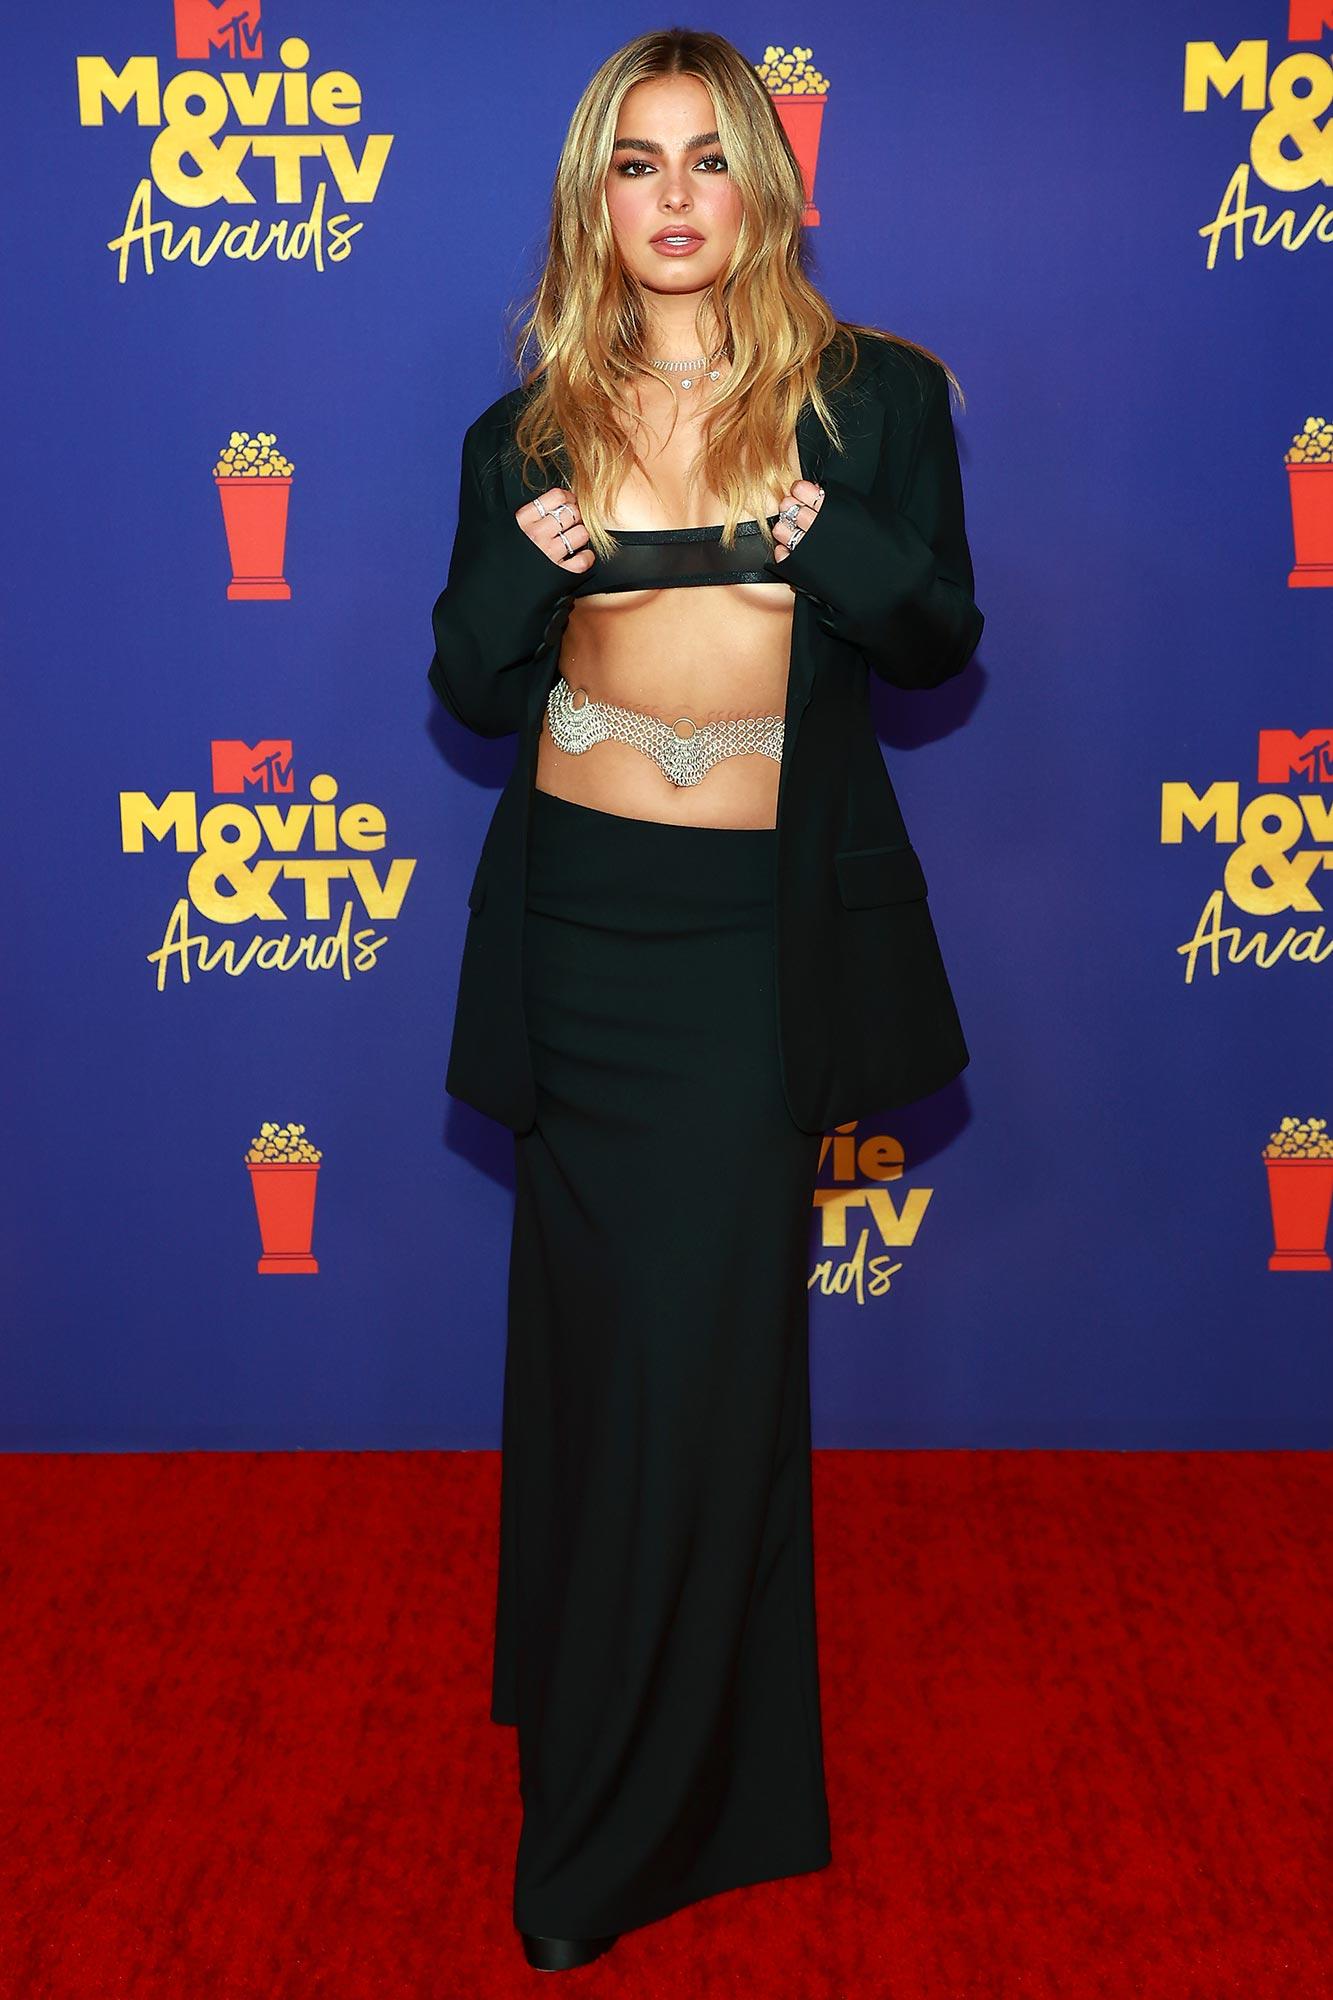 MTV Movie & TV Awards Addison Rae